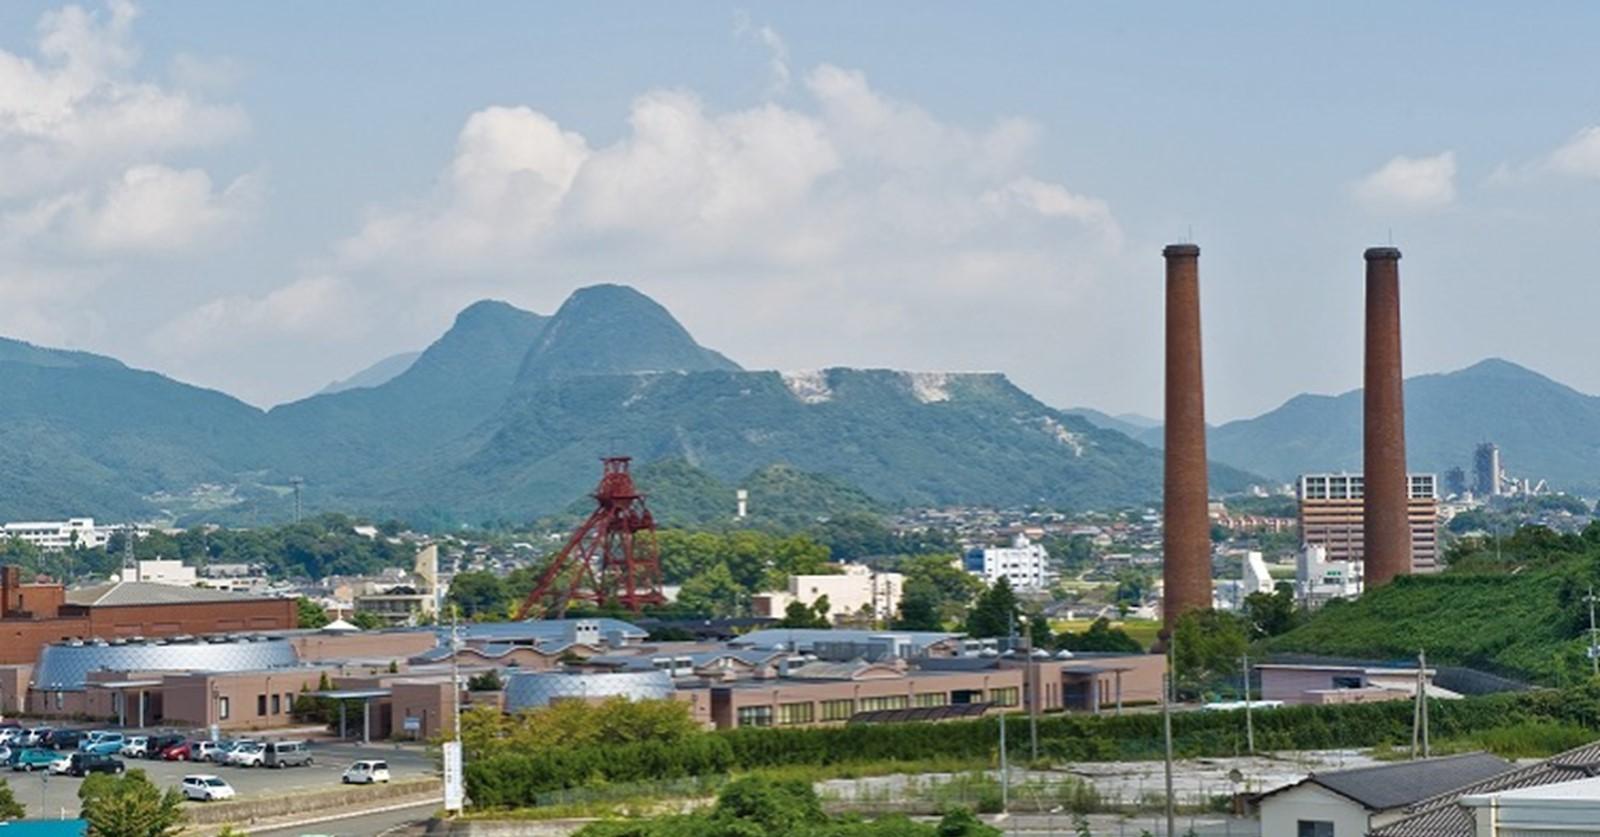 住めばいいとこ!田川市の移住・定住相談窓口